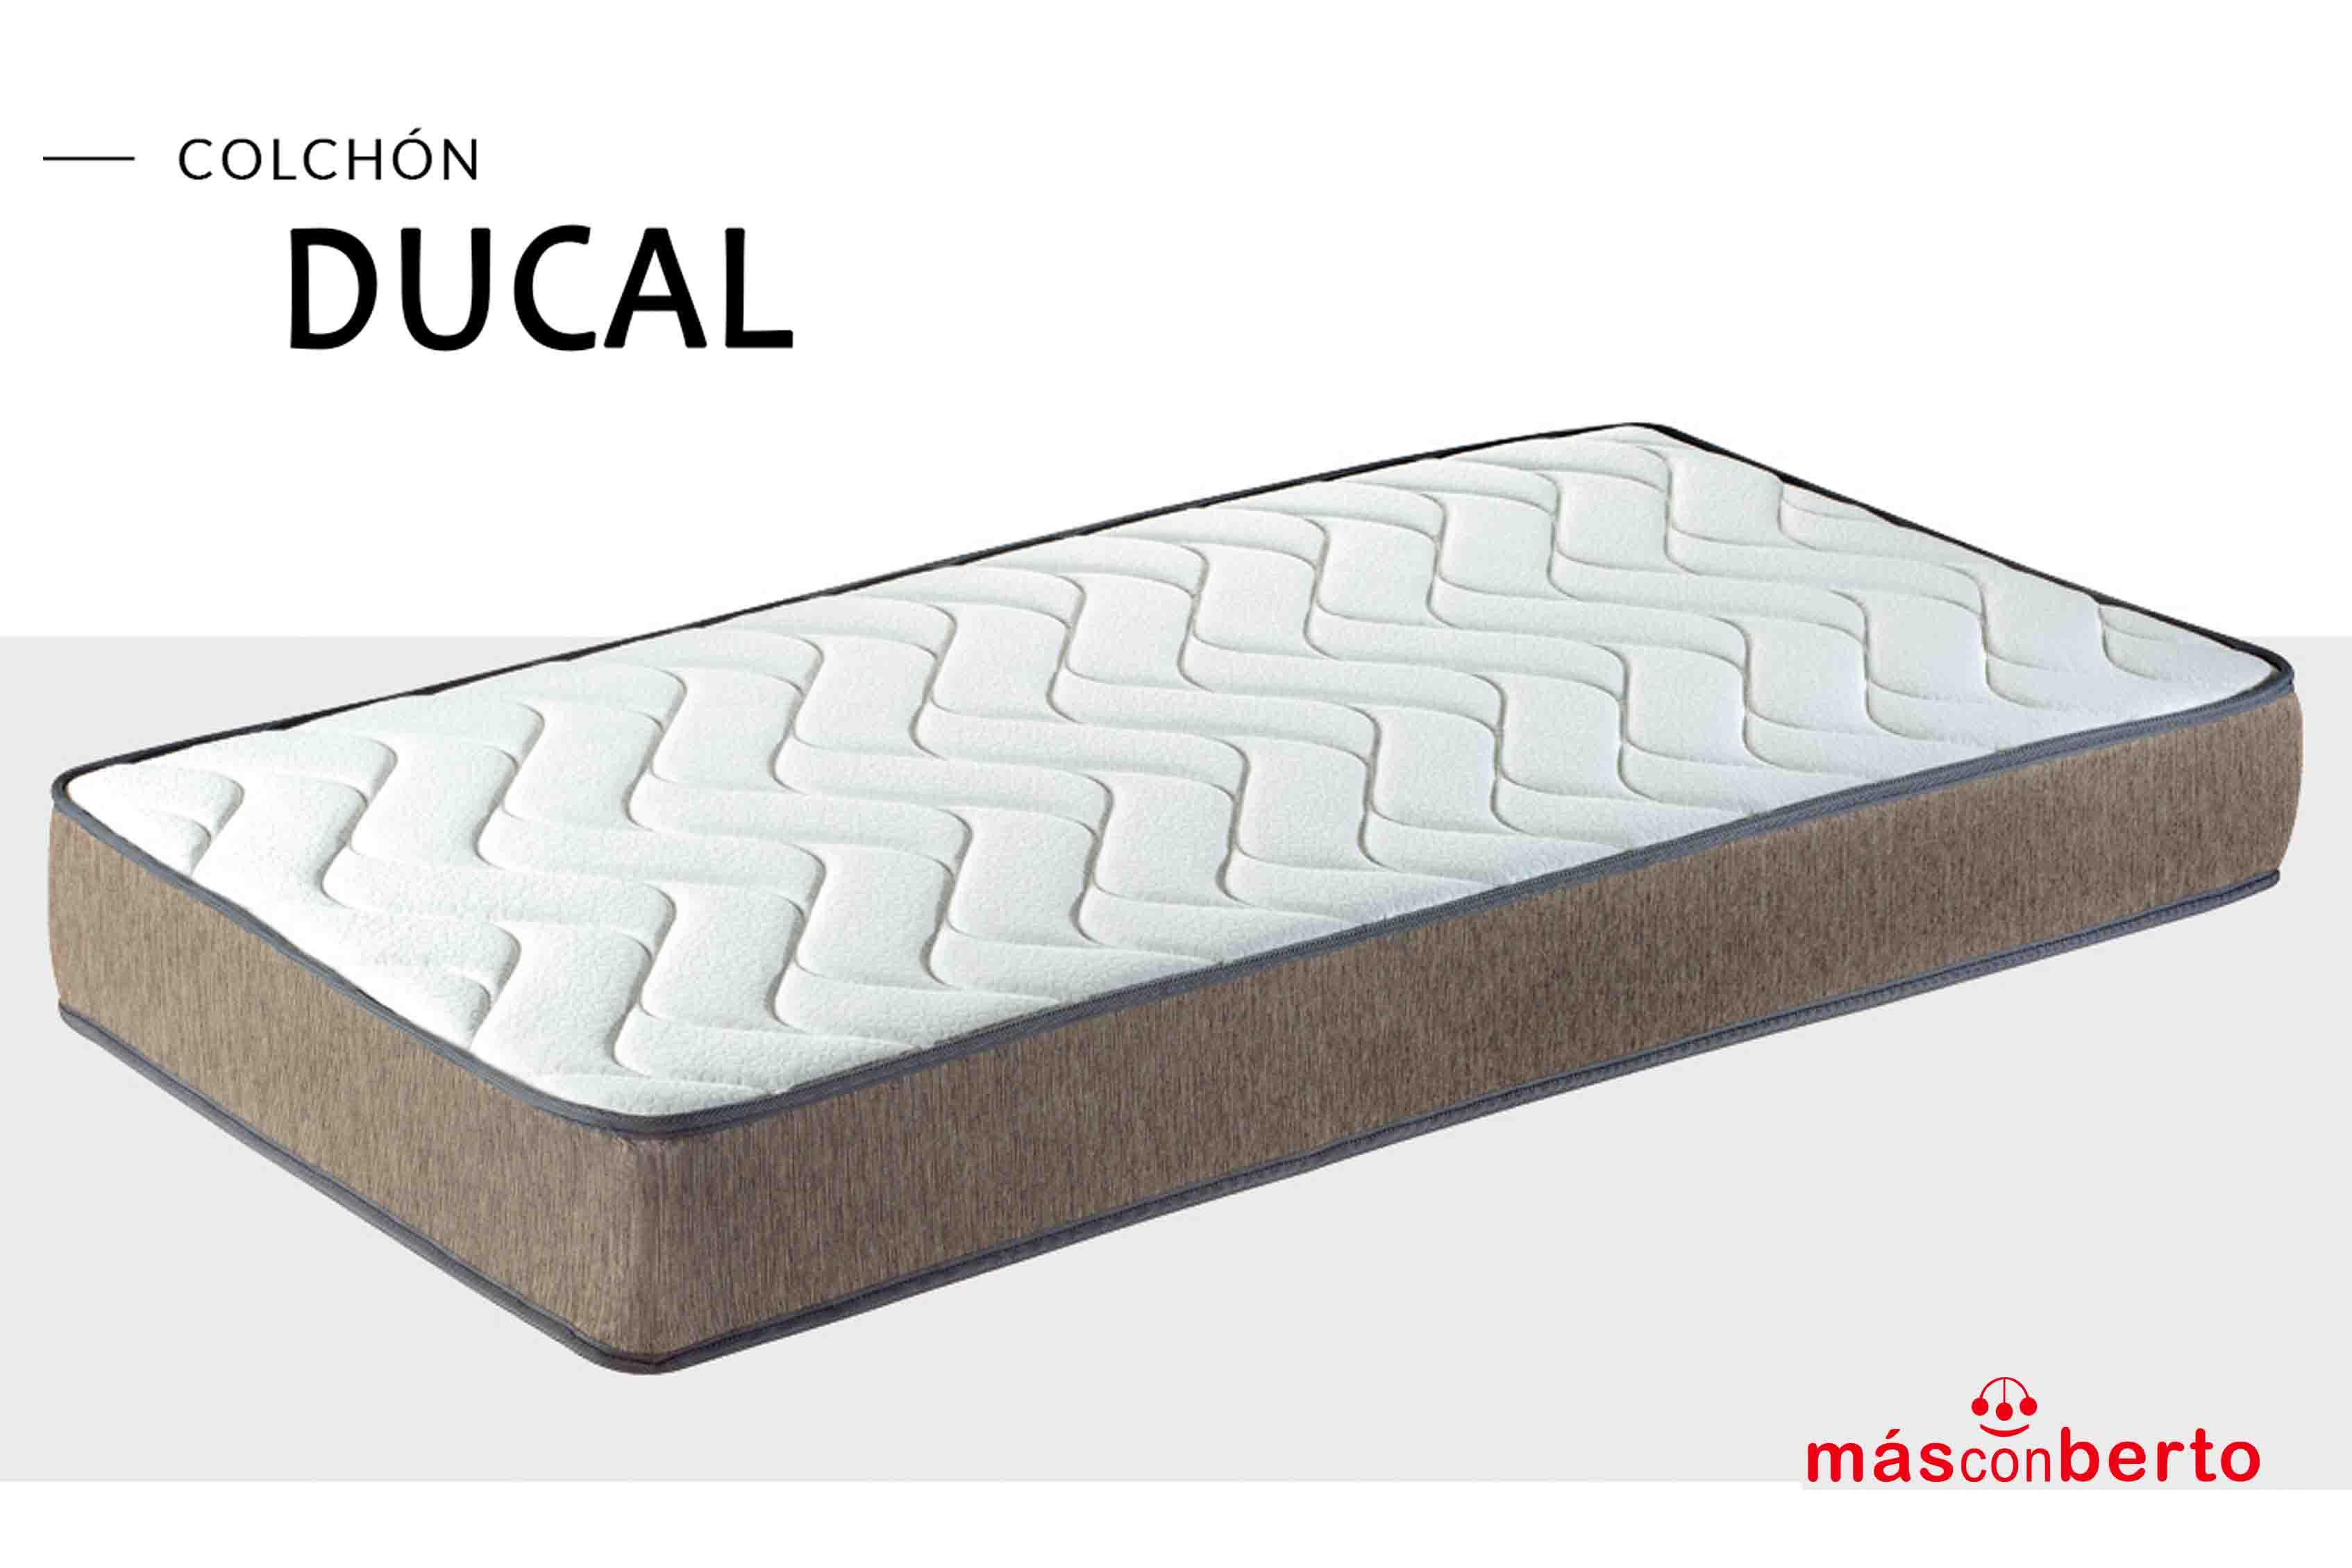 Colchon Ducal 150x190